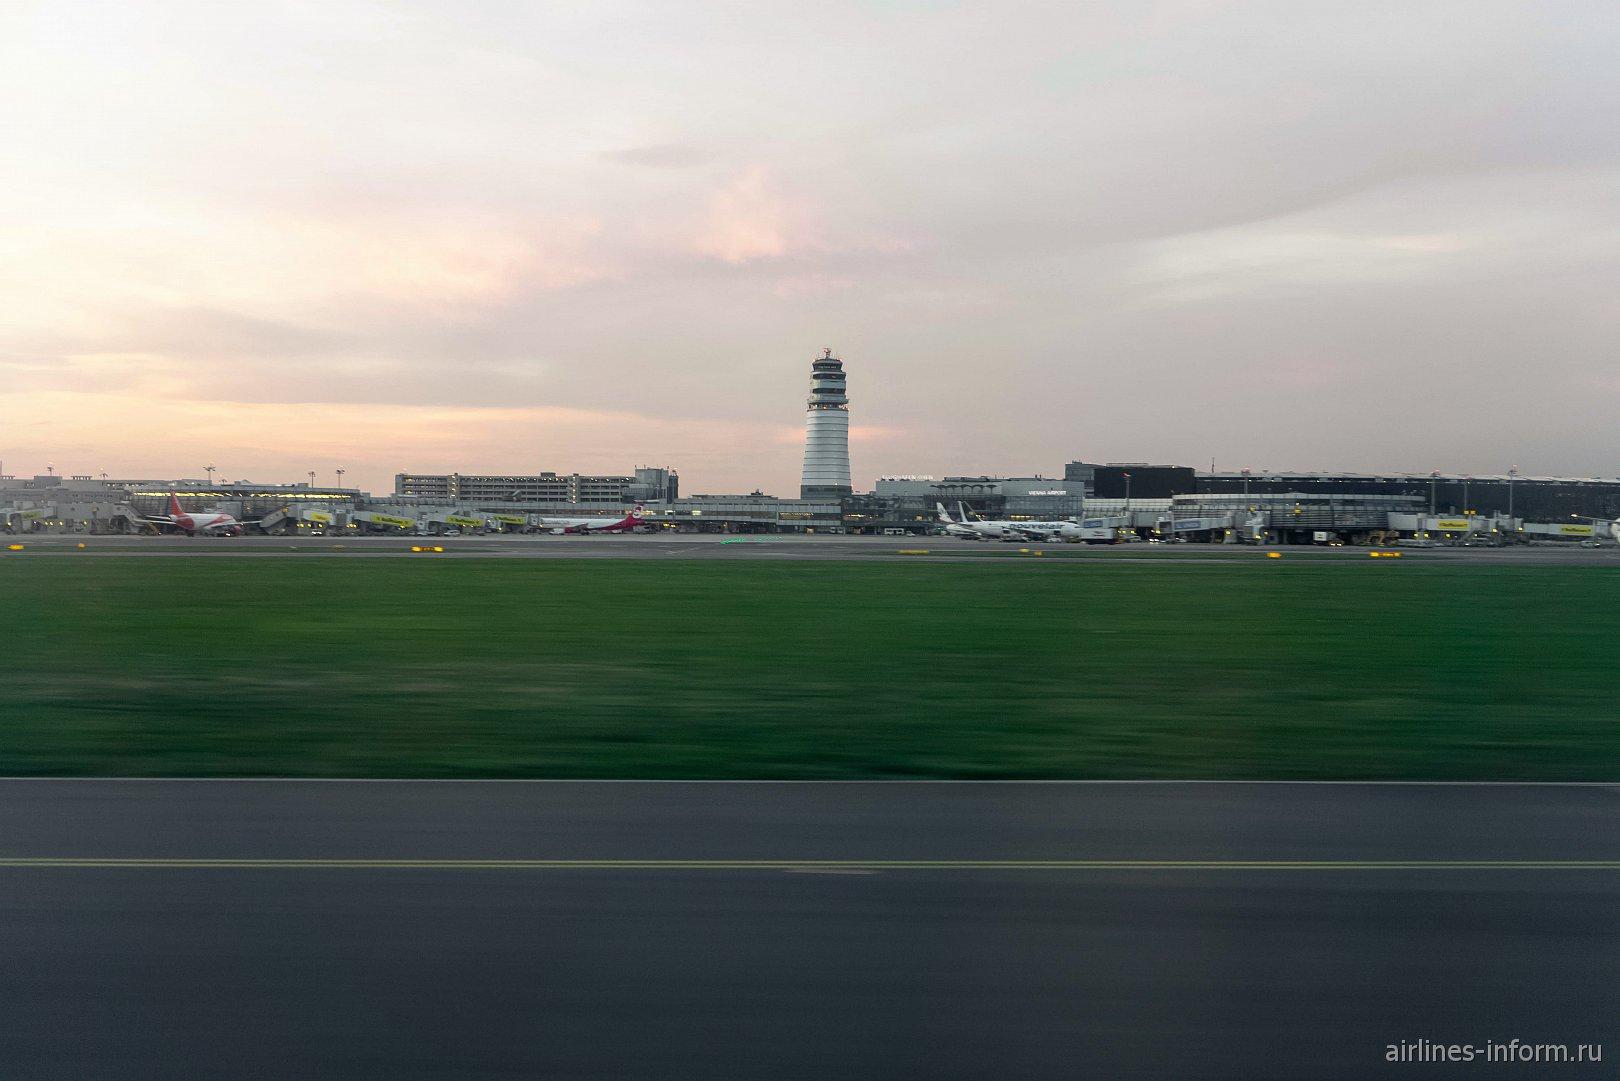 Пассажирские терминалы аэропорта Вена Швехат